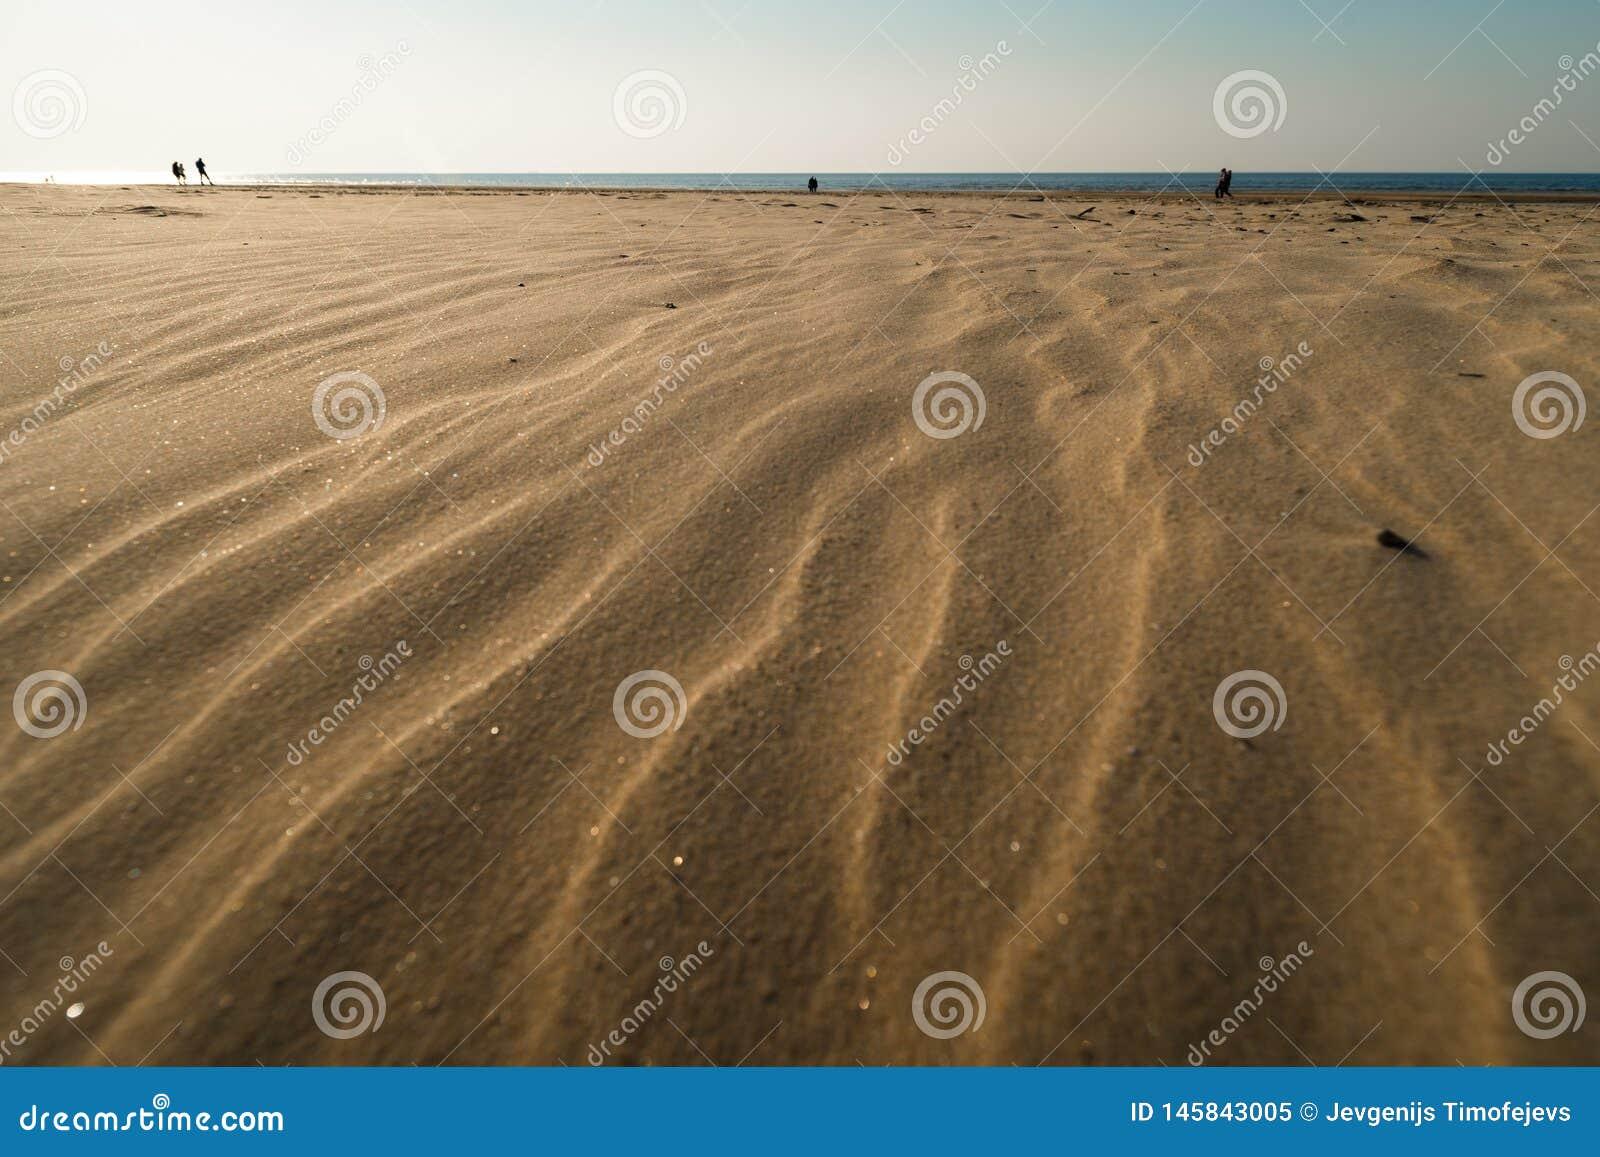 Επιδόρπιο όπως την κατασκευασμένη άμμο - παραλία κόλπων της θάλασσας της Βαλτικής με την άσπρη άμμο στο ηλιοβασίλεμα